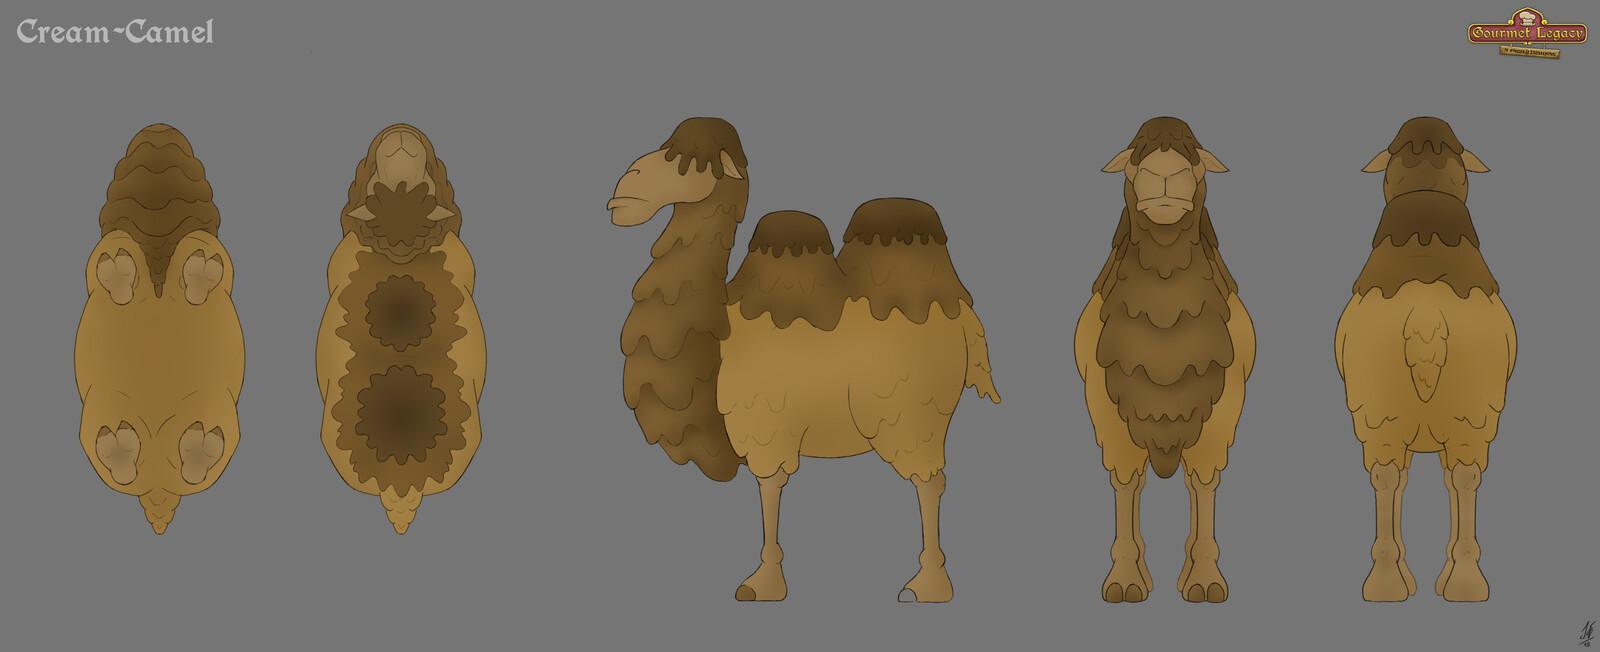 Cream-Camel